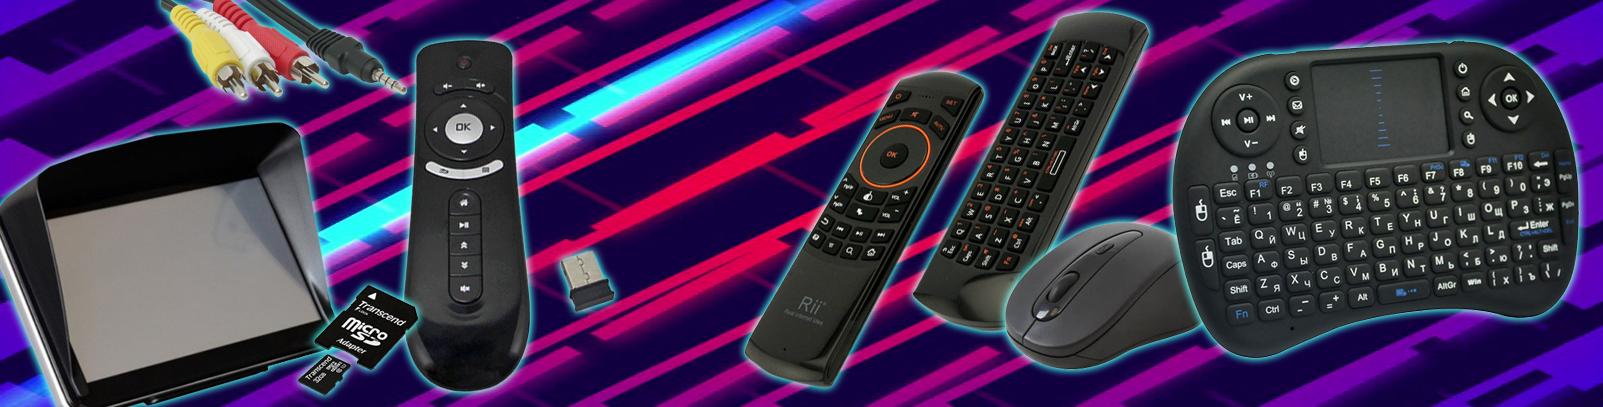 Аеро миша для Смарт ТВ, бездротова клавіатура для Smart TV та інші аксесуари